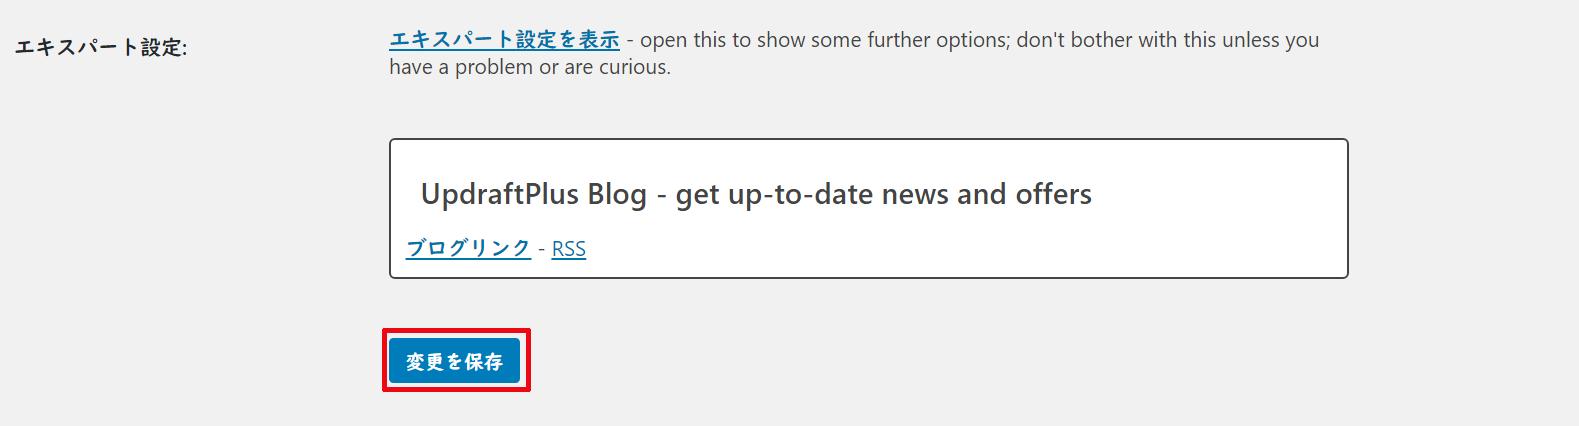 設定タブの一番下にある「変更を保存」をクリックする